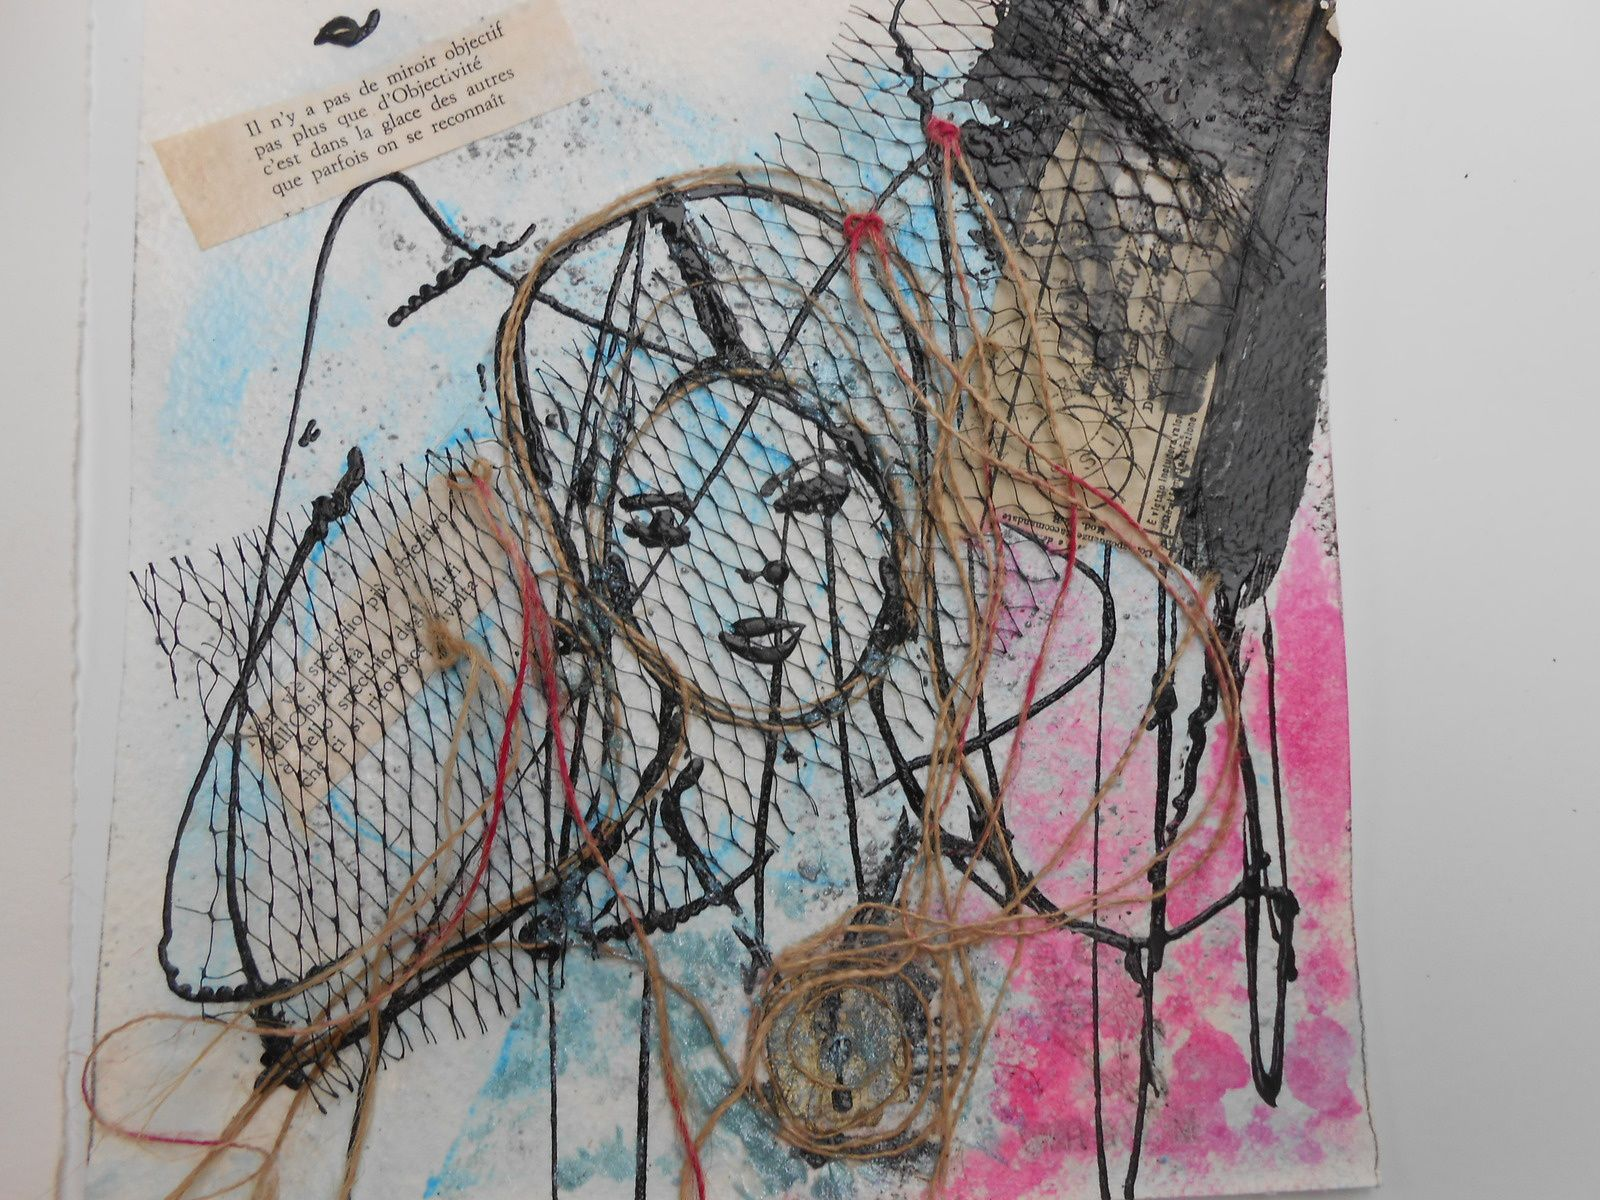 Michèle Riesenmey pour qui j'ai fabriqué des carnets vierges qu'elle a transformé en superbes livres d'artistes et Virginia Micili artiste italienne